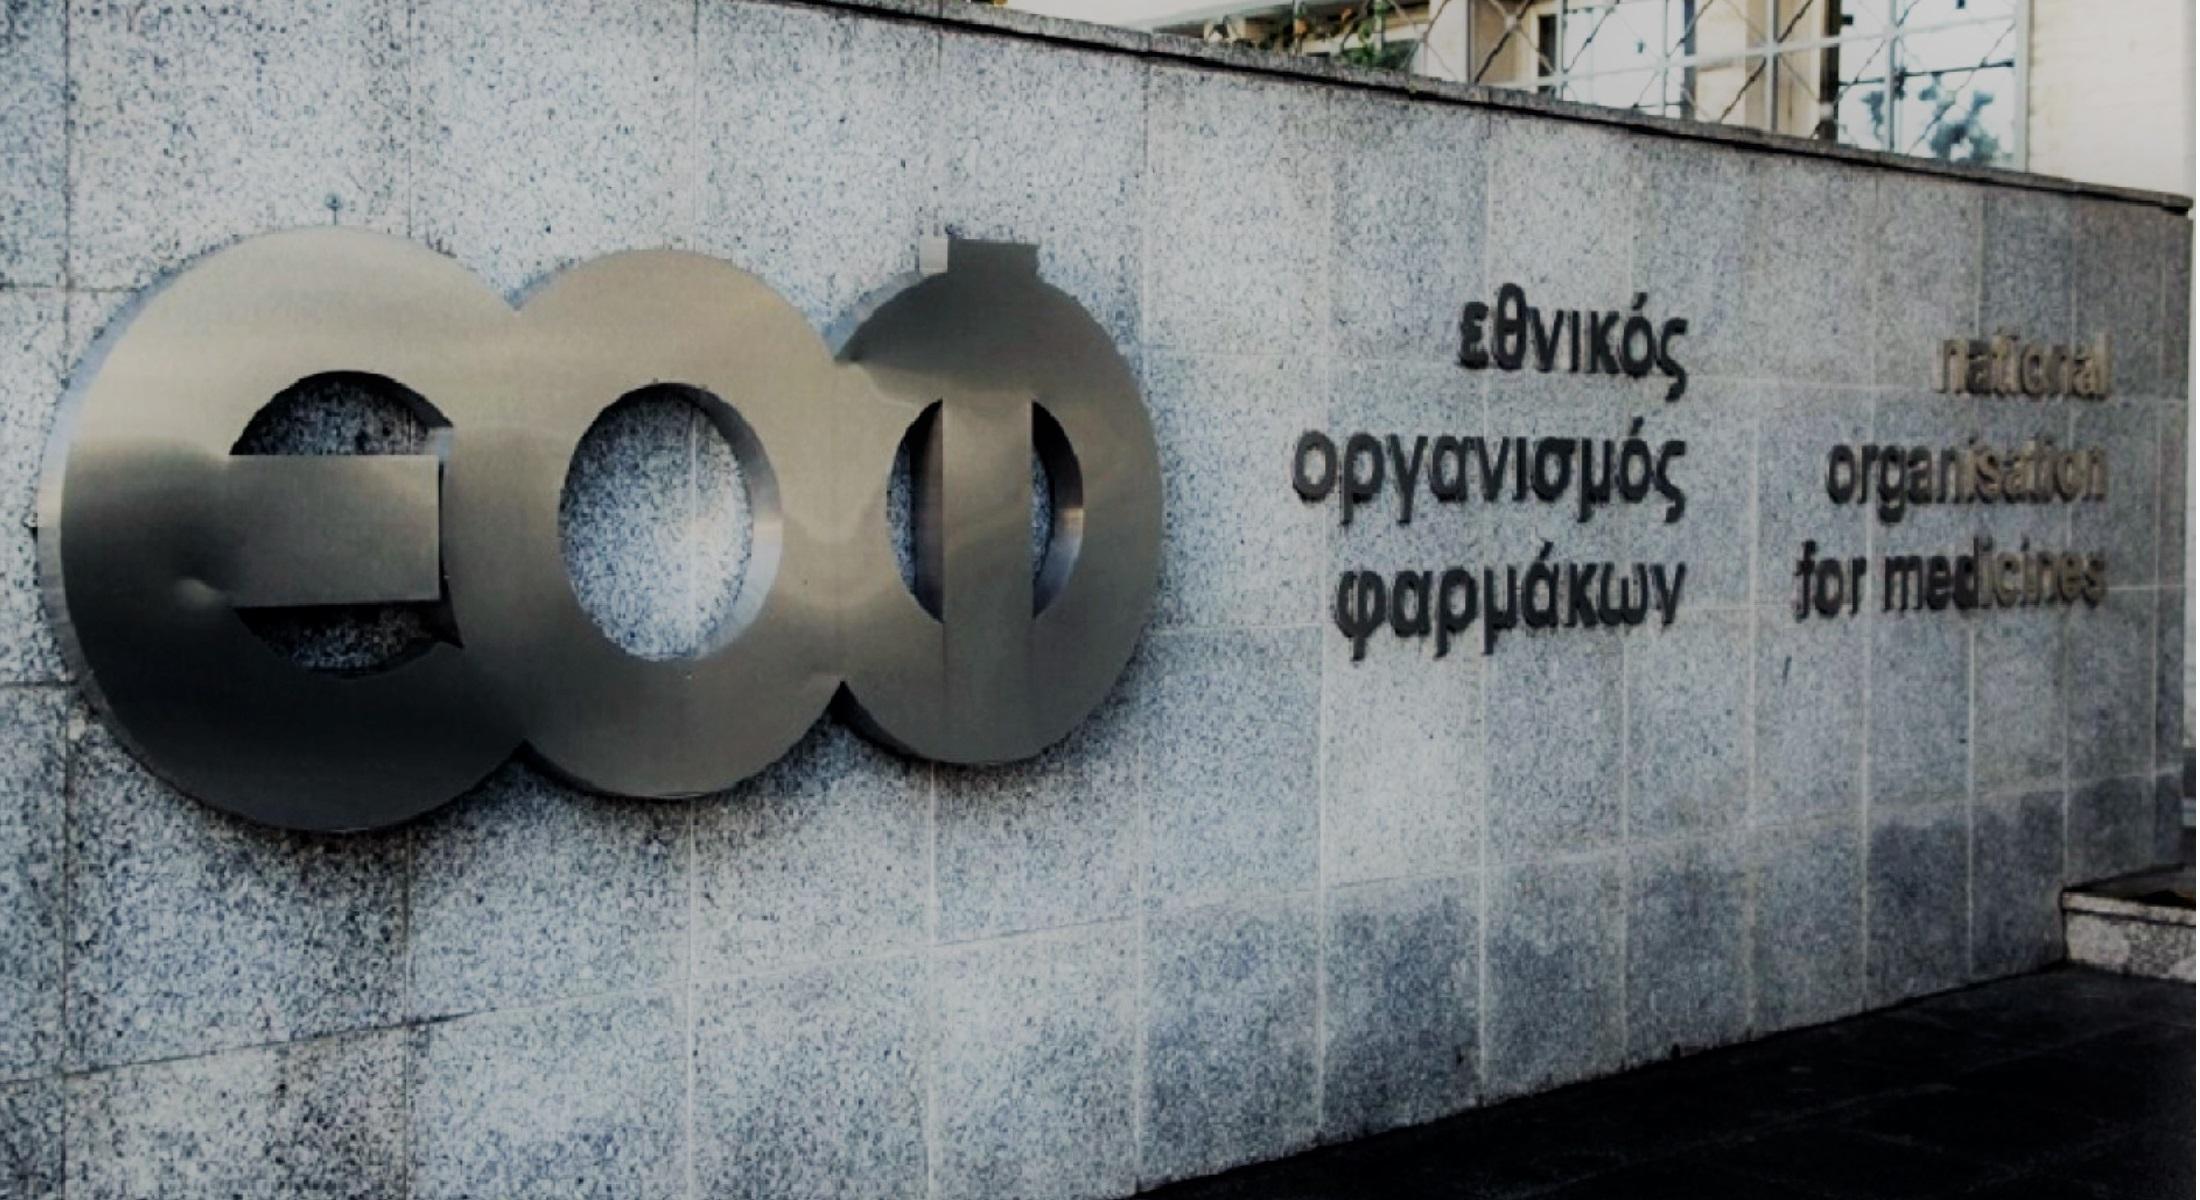 Πωλήσεις φαρμάκων : Παράξενες καθυστερήσεις στον ΕΟΦ. Της Νικολέτας Ντάμπου